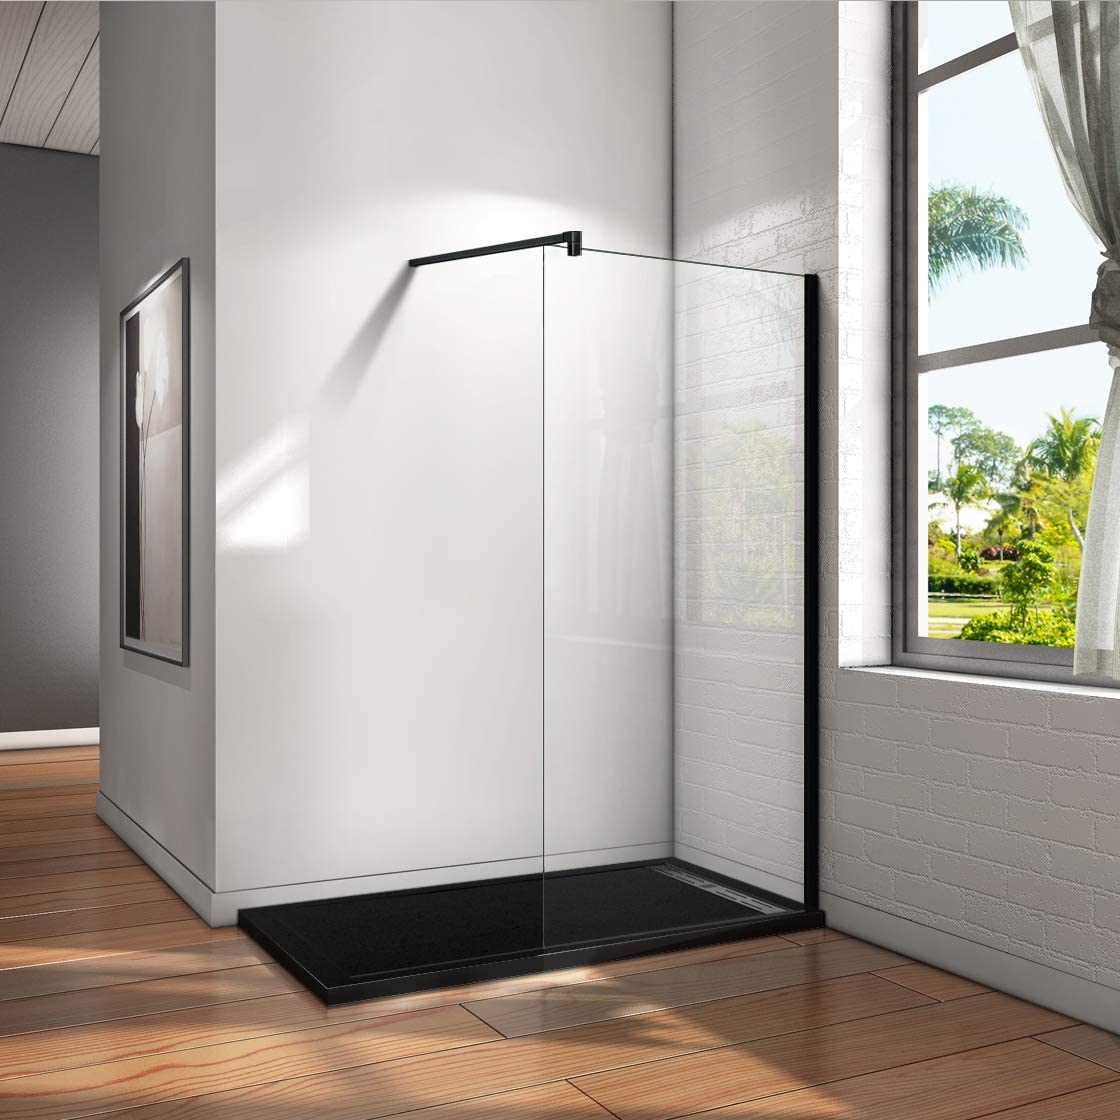 Mamparas de Ducha Pantalla Panel Fijo Perfil Negro Cristal Antical 8mm Barra 90cm - 70x200cm: Amazon.es: Bricolaje y herramientas